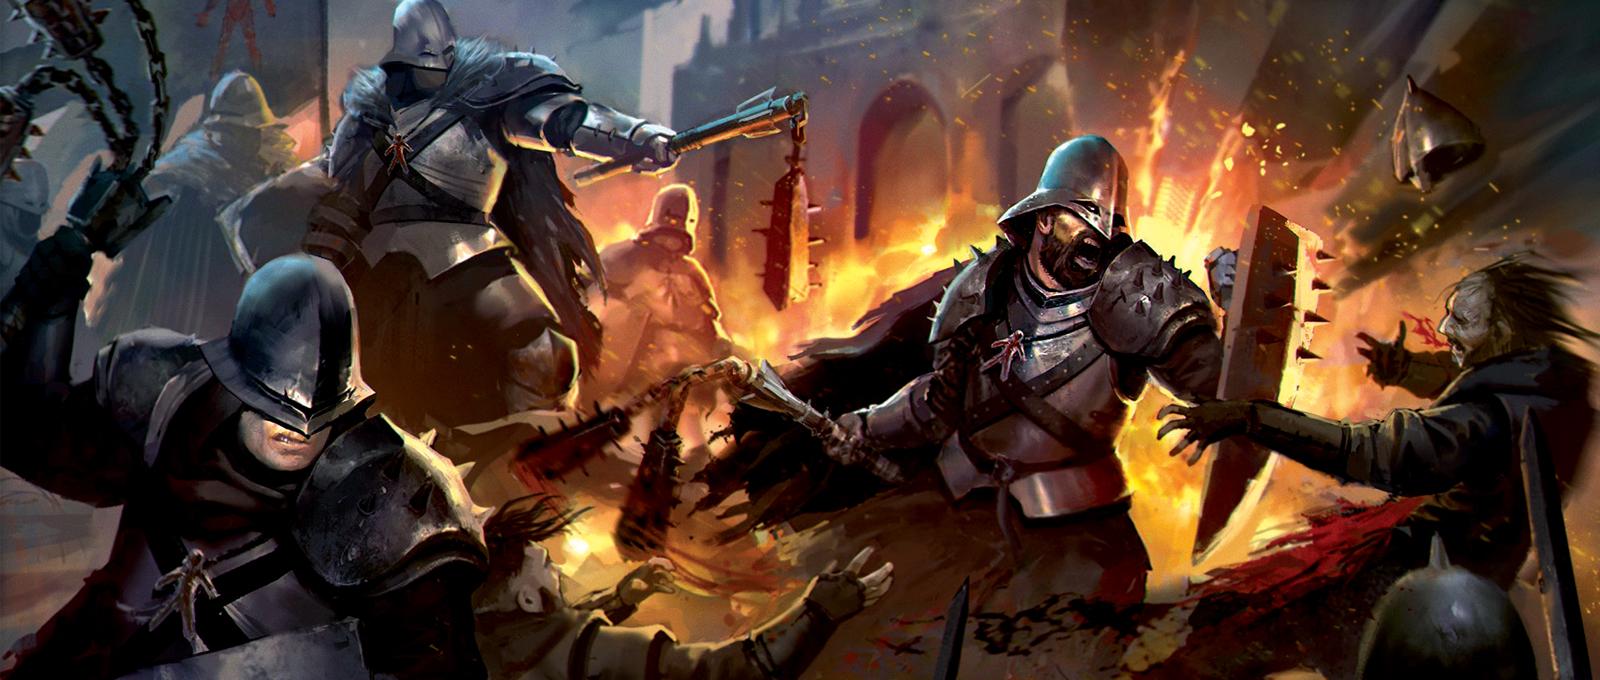 SIF_Bolton_Blackguards_LARGE_HERO